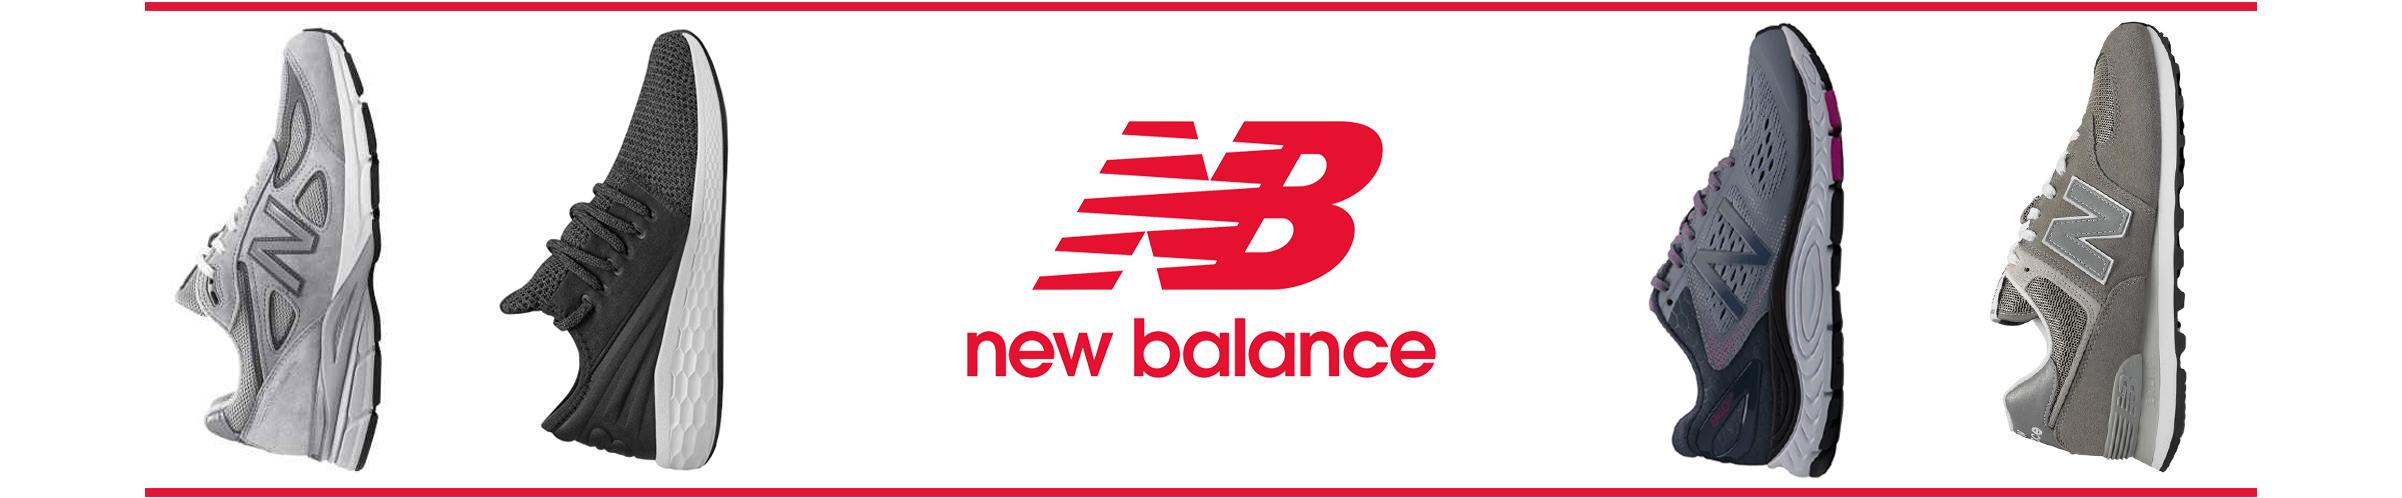 nb-brand-banner121418c.jpg